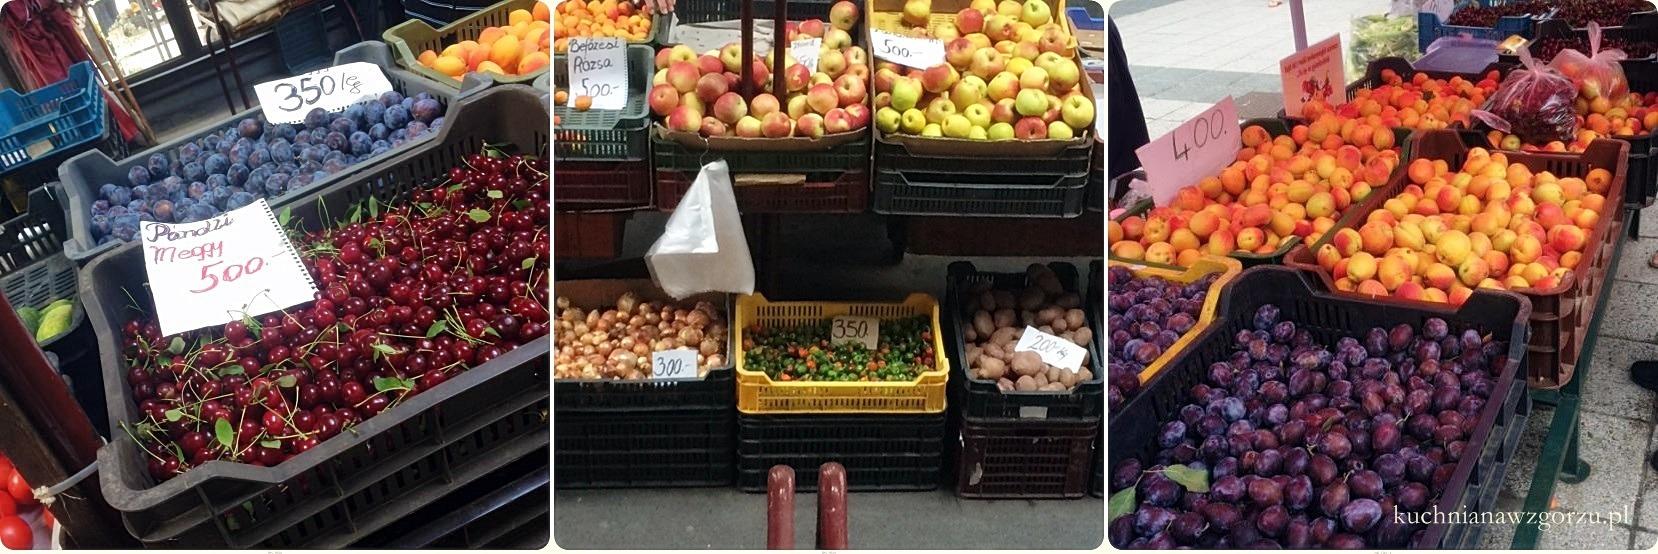 gdzie kupic owoce w egerze